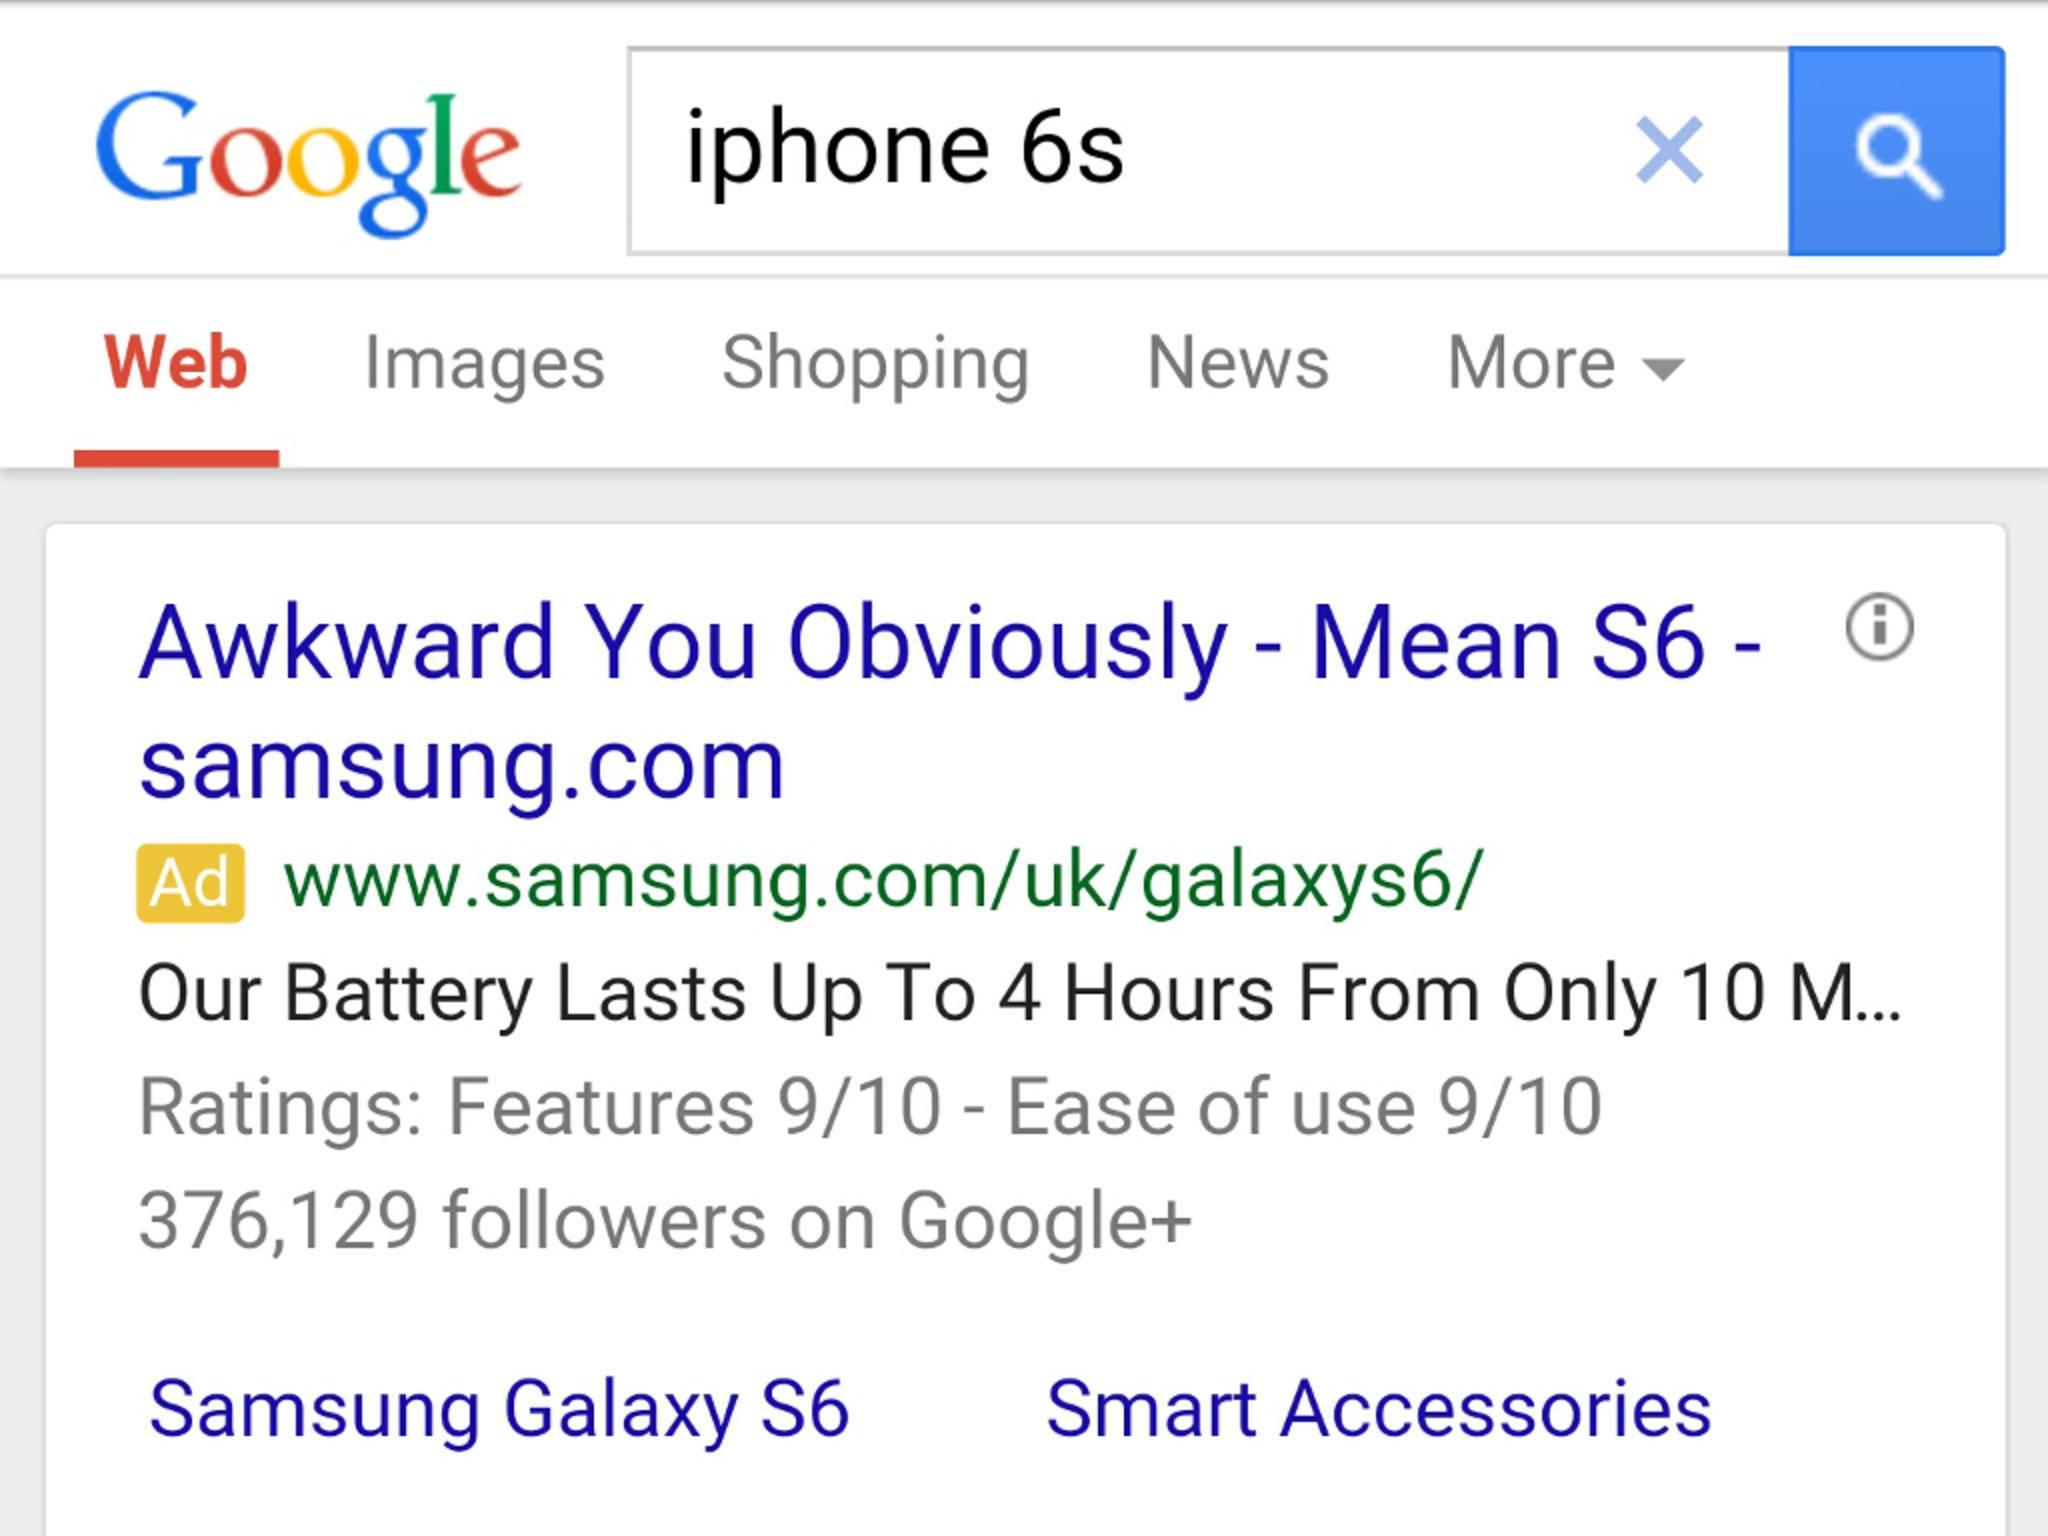 Hast Du Dich vertan? So machte Samsung anscheinend Werbung bei Google.